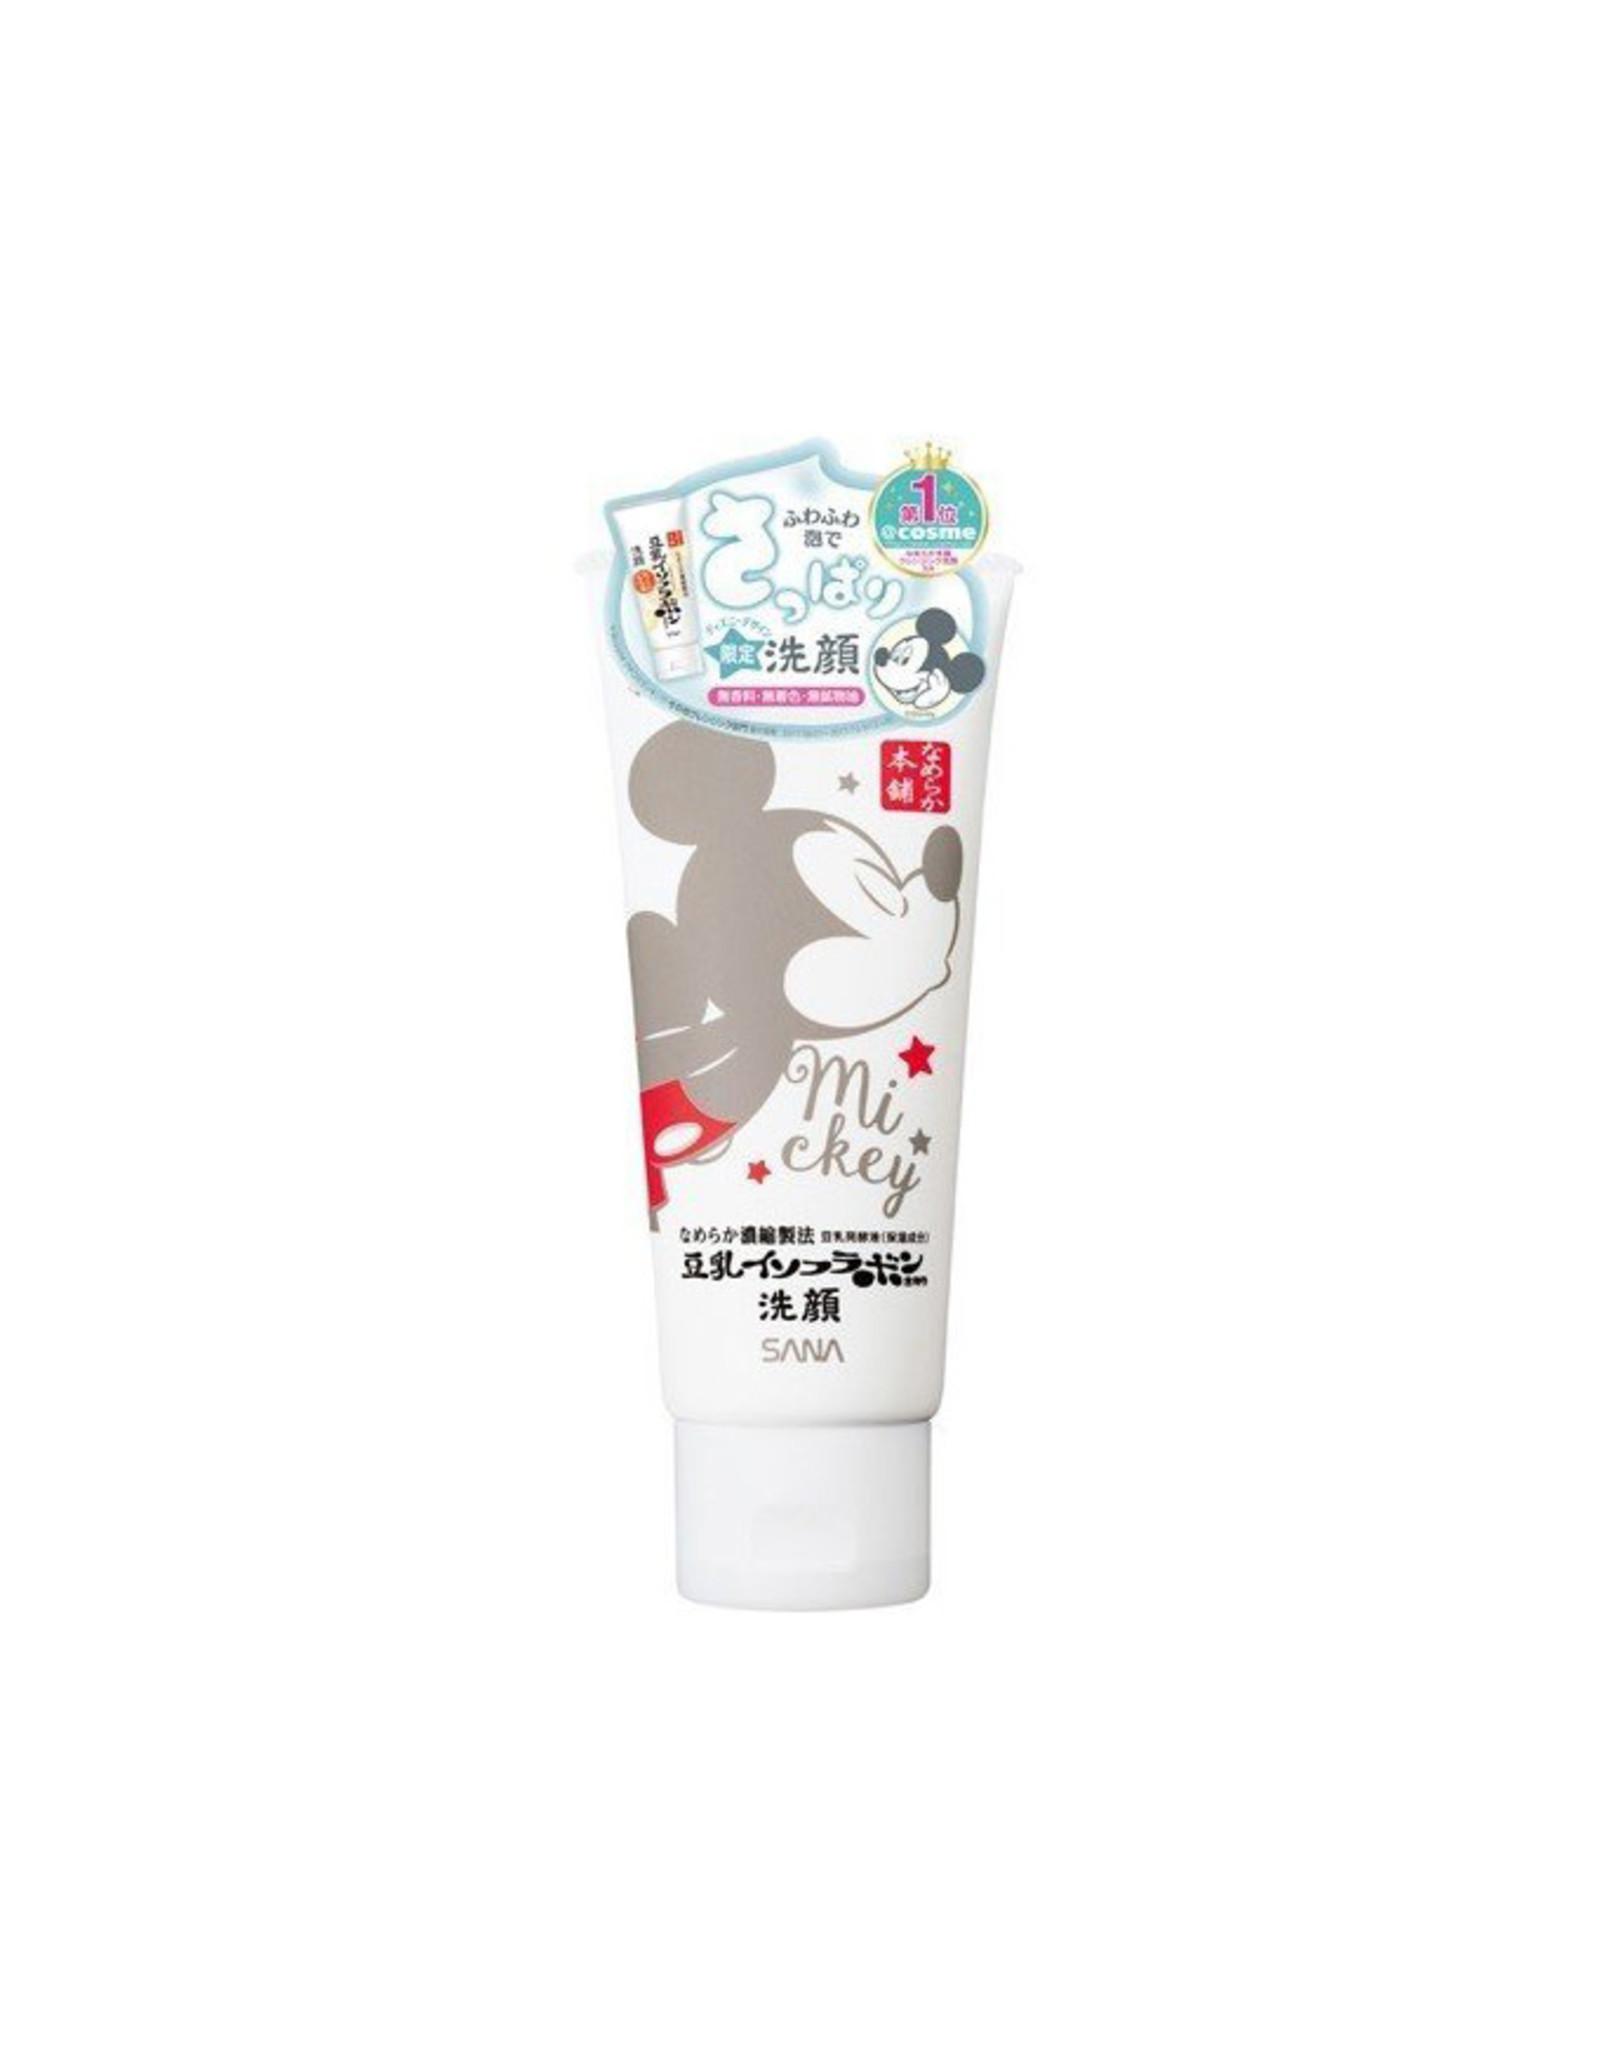 Sana SANA x Disney Soy Milk Rich Cleansing Foam 150g - Moist